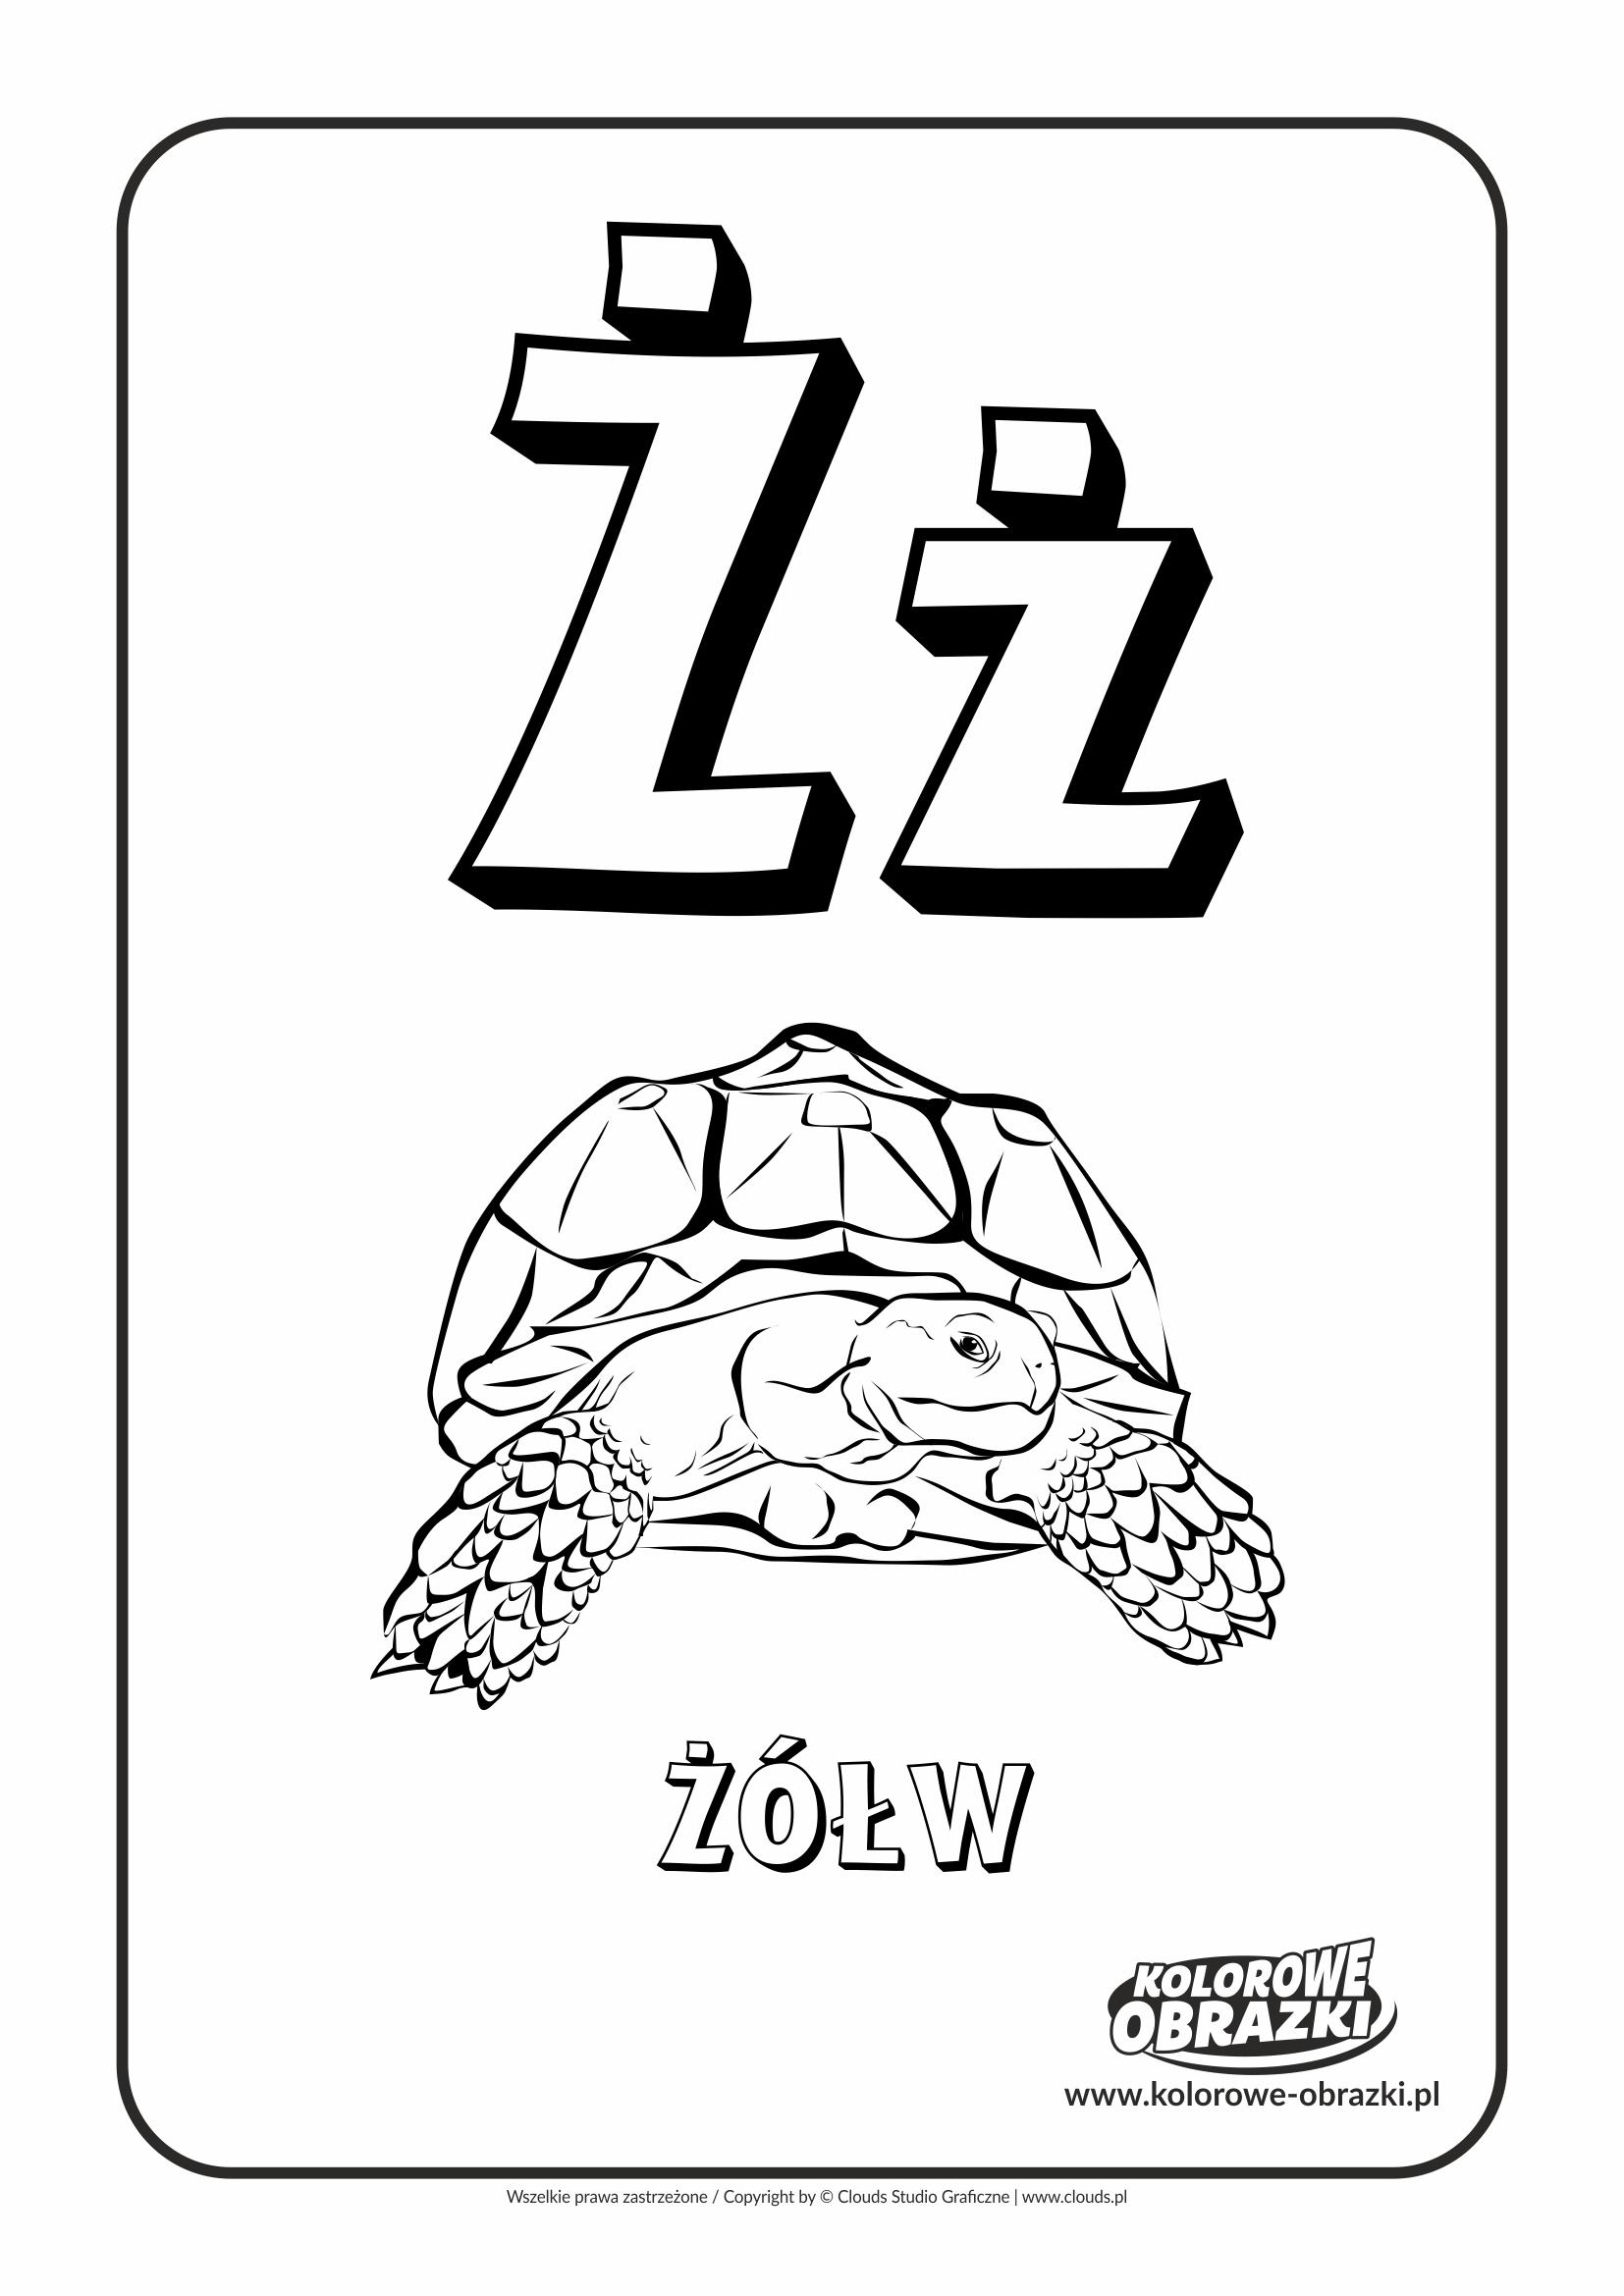 Kolorowanki dla dzieci - Litery / Litera Ż. Kolorowanka z literą Ż